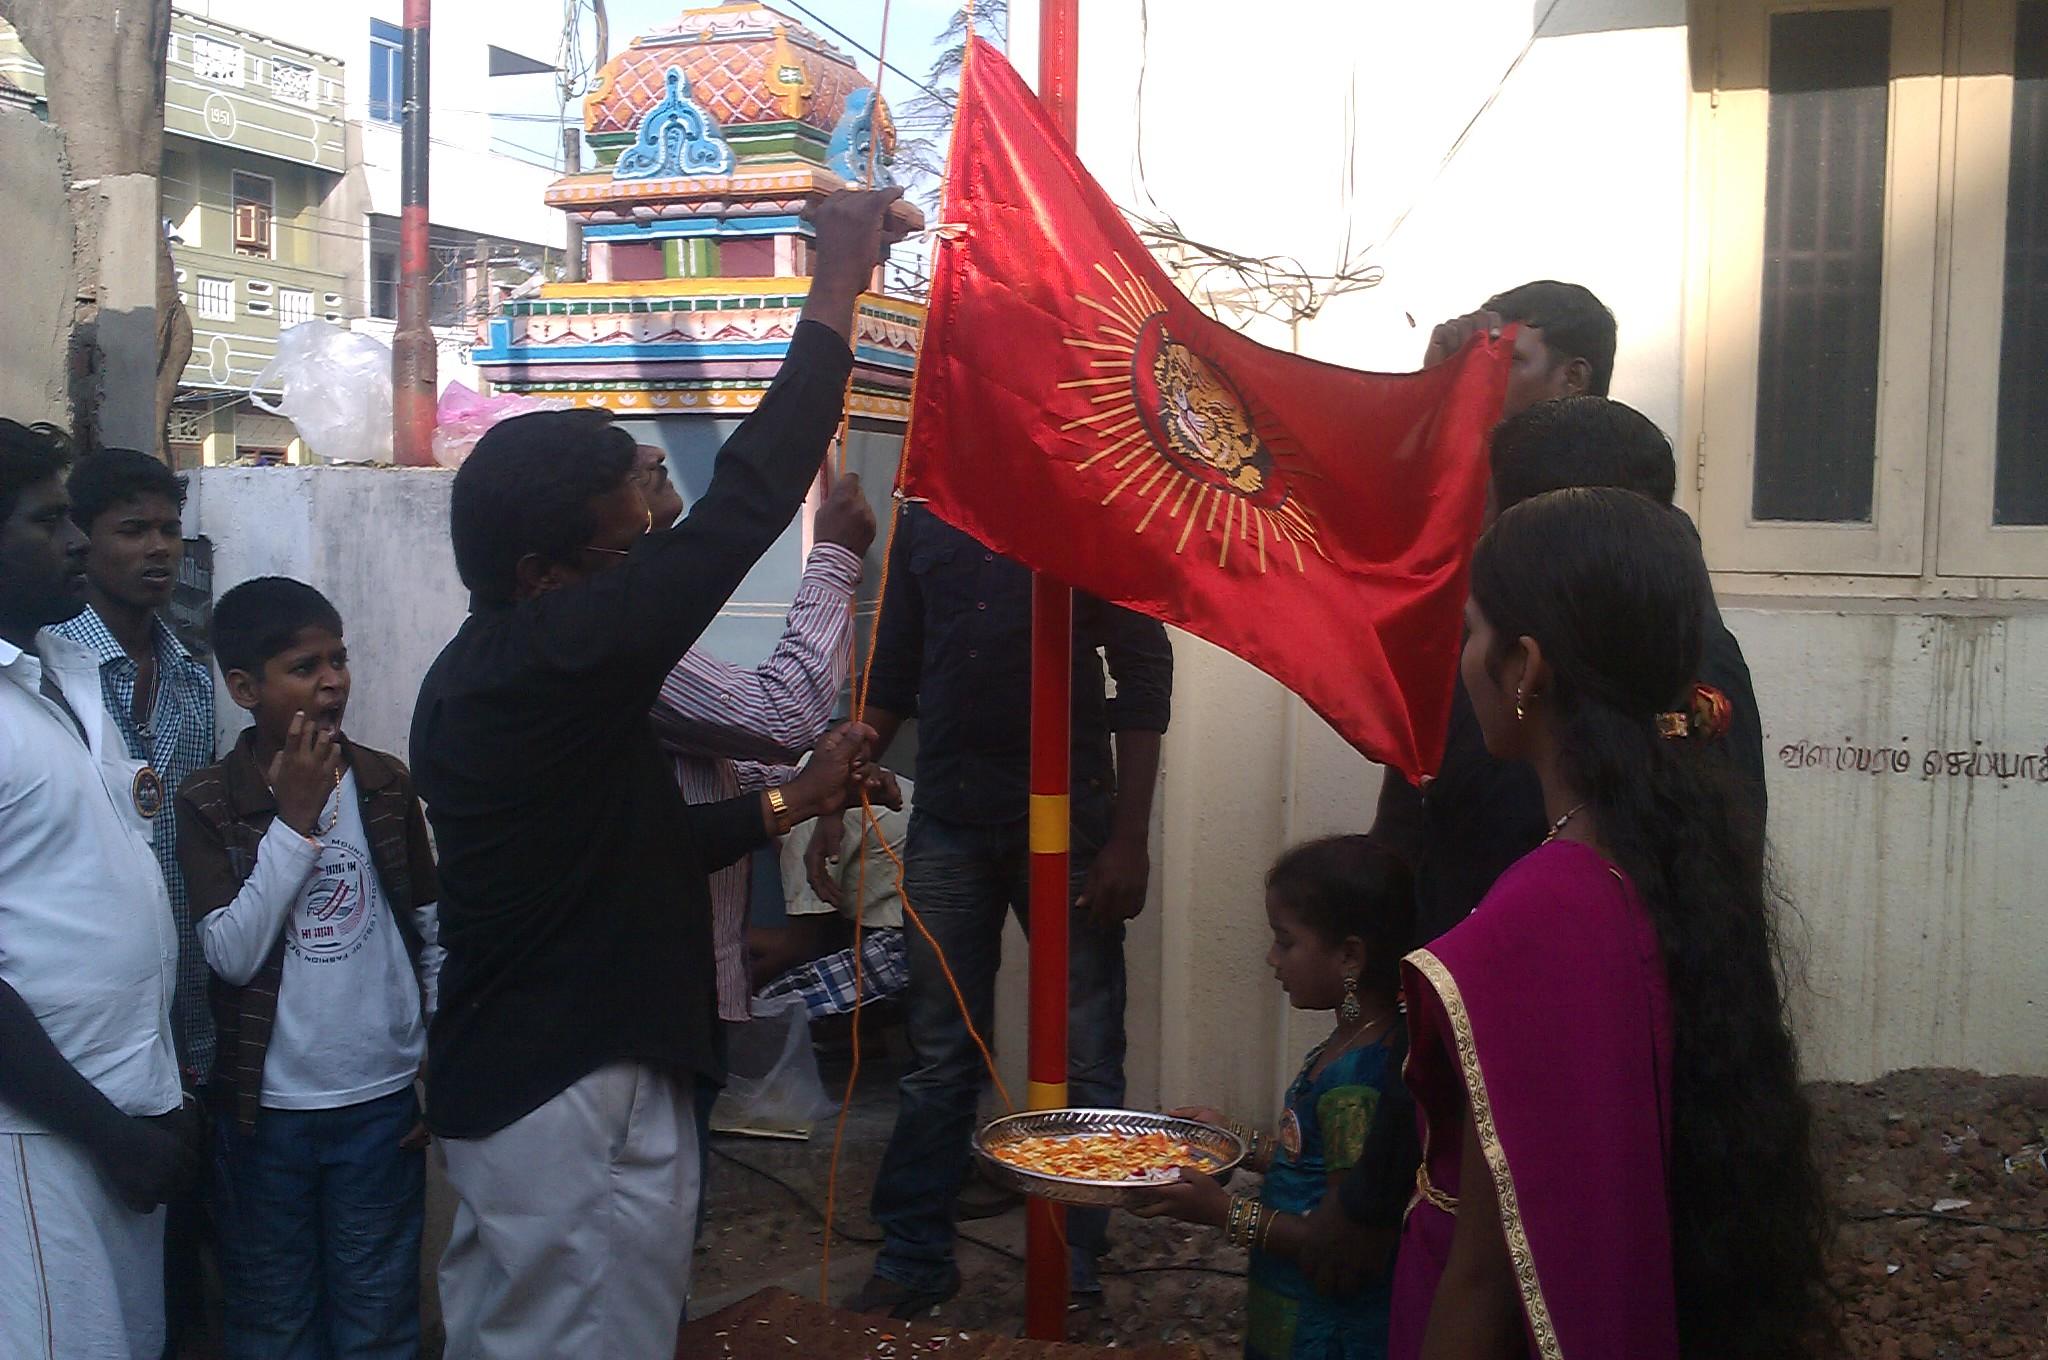 காஞ்சிபுரம் மேற்கு மாவட்டம், குன்றத்தூர் ஒன்றிய கொடியேற்ற நிகழ்வு